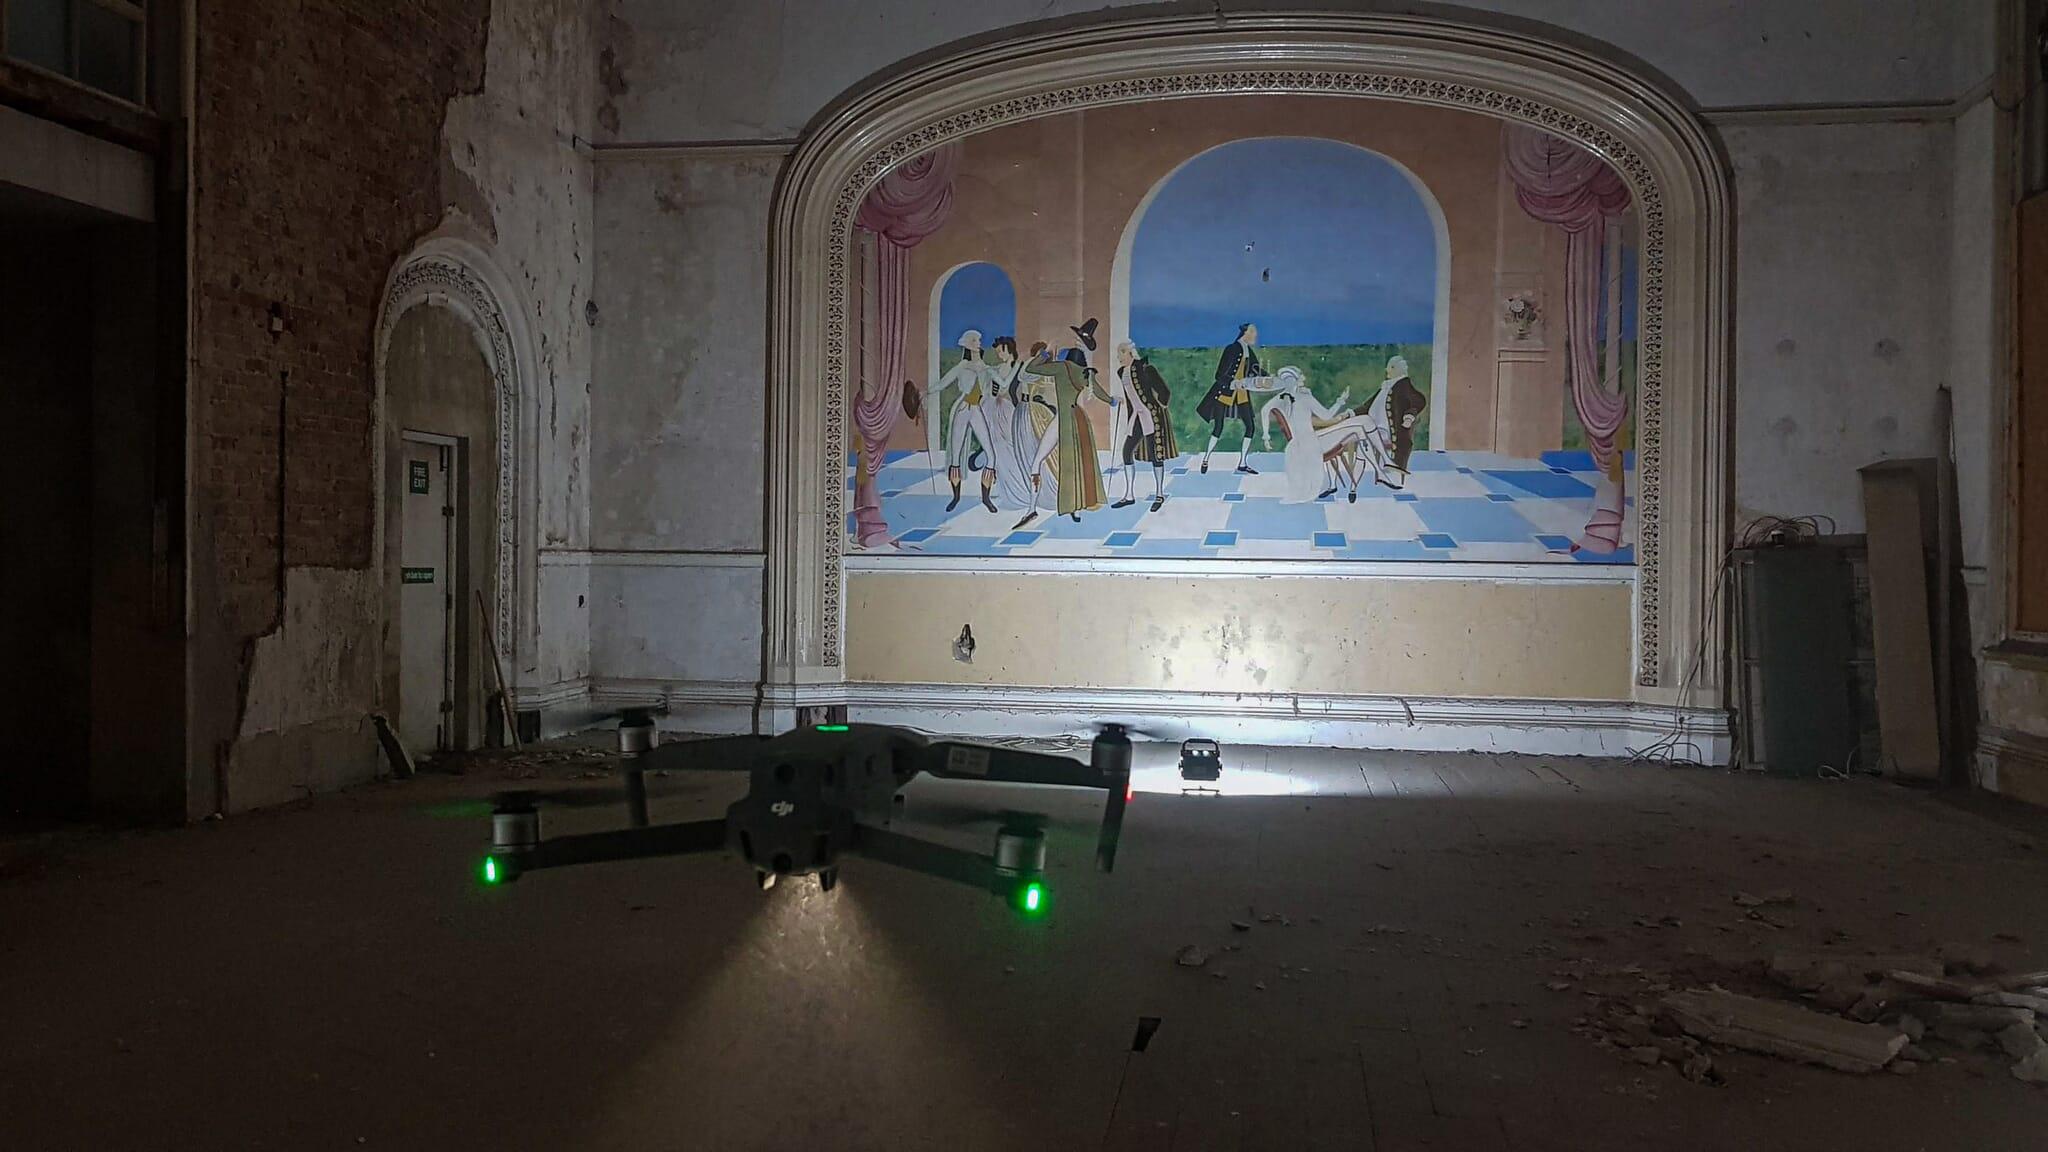 Mavic 2 drone flying indoors